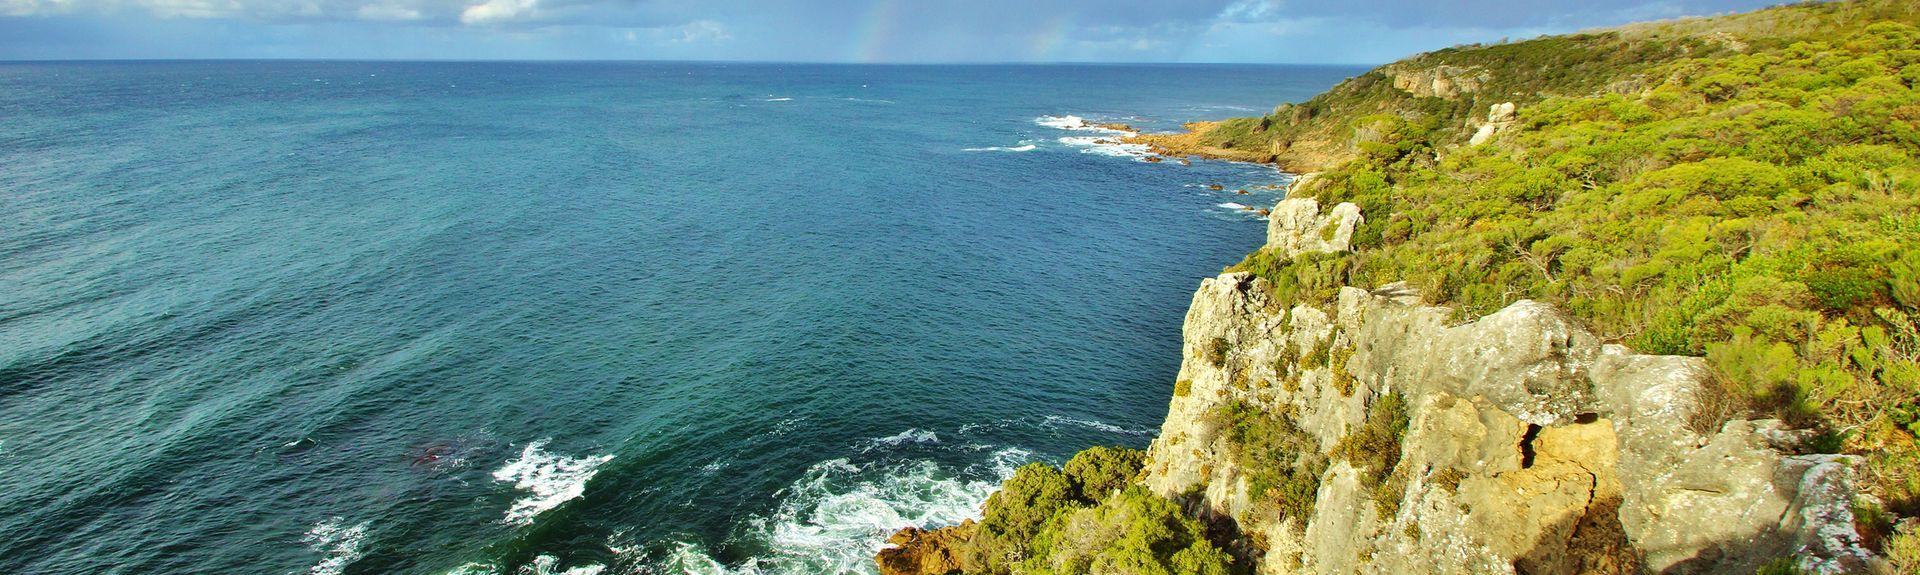 Capel, Vest-Australia, Australia